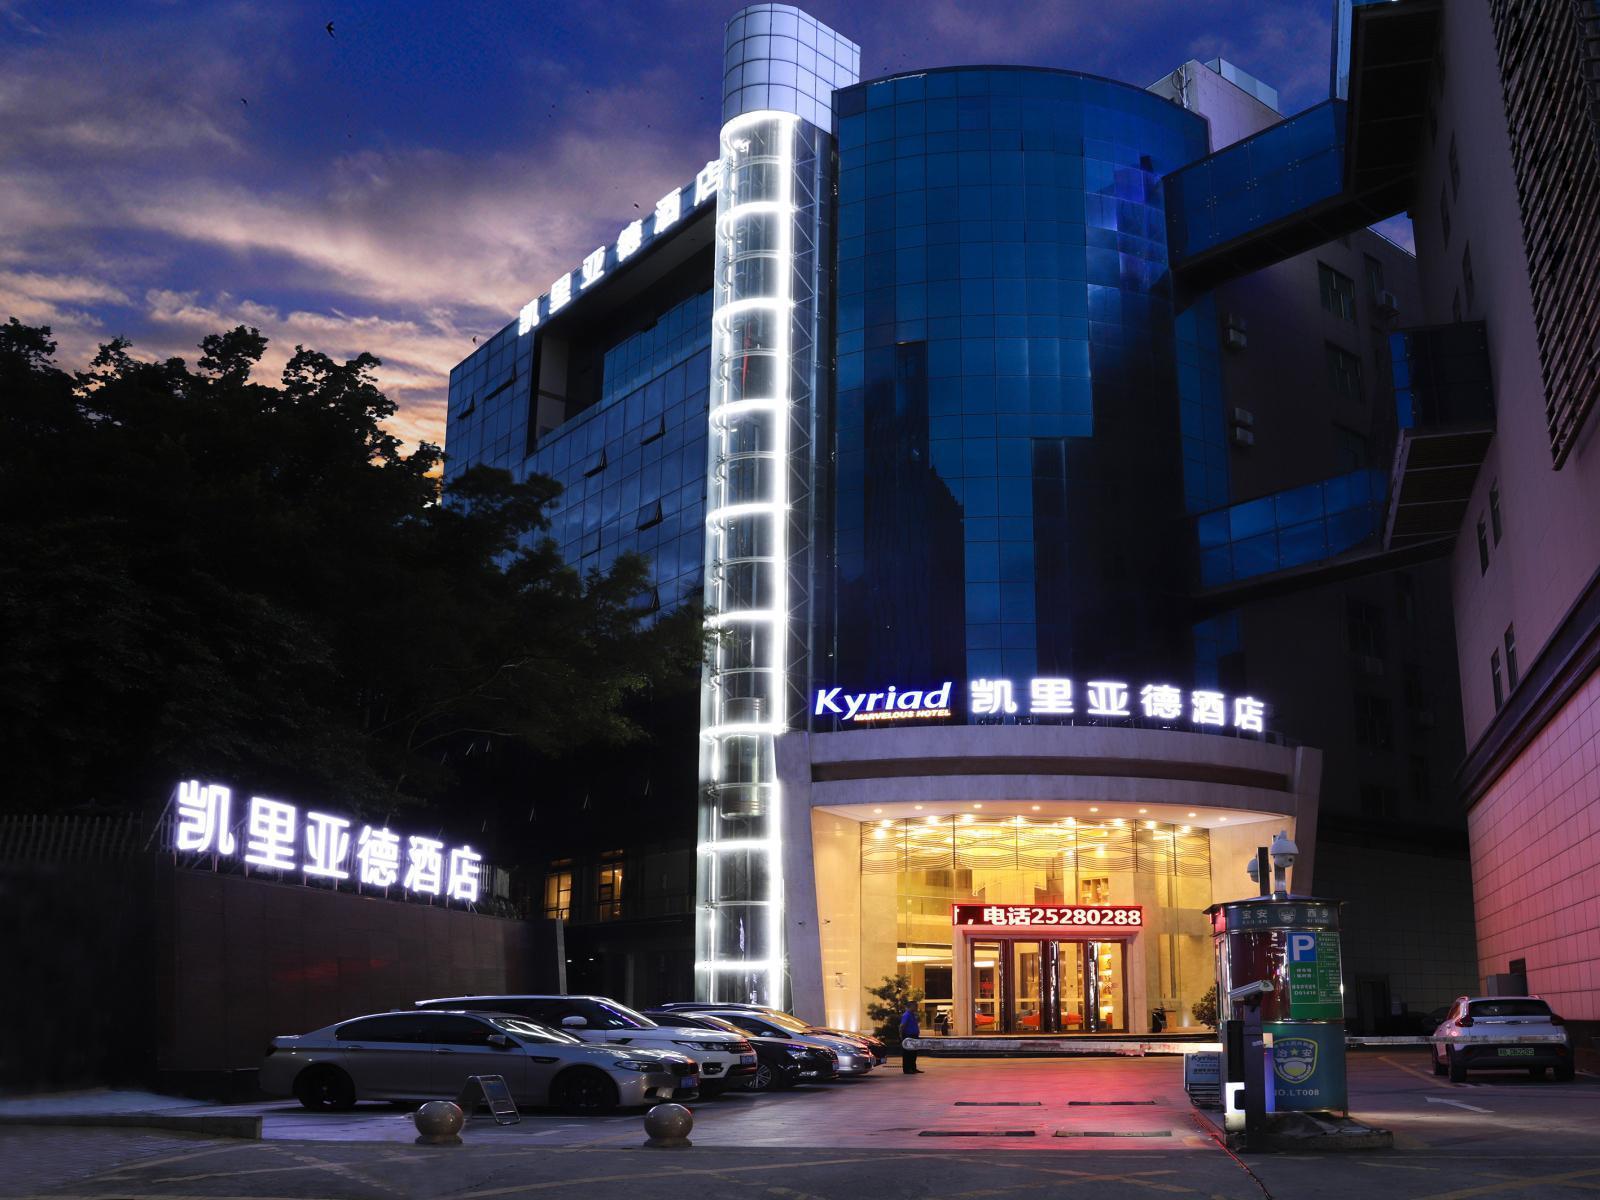 Kyriad Marvelous Hotel�Shenzhen Bao'an Qianjin Er Road